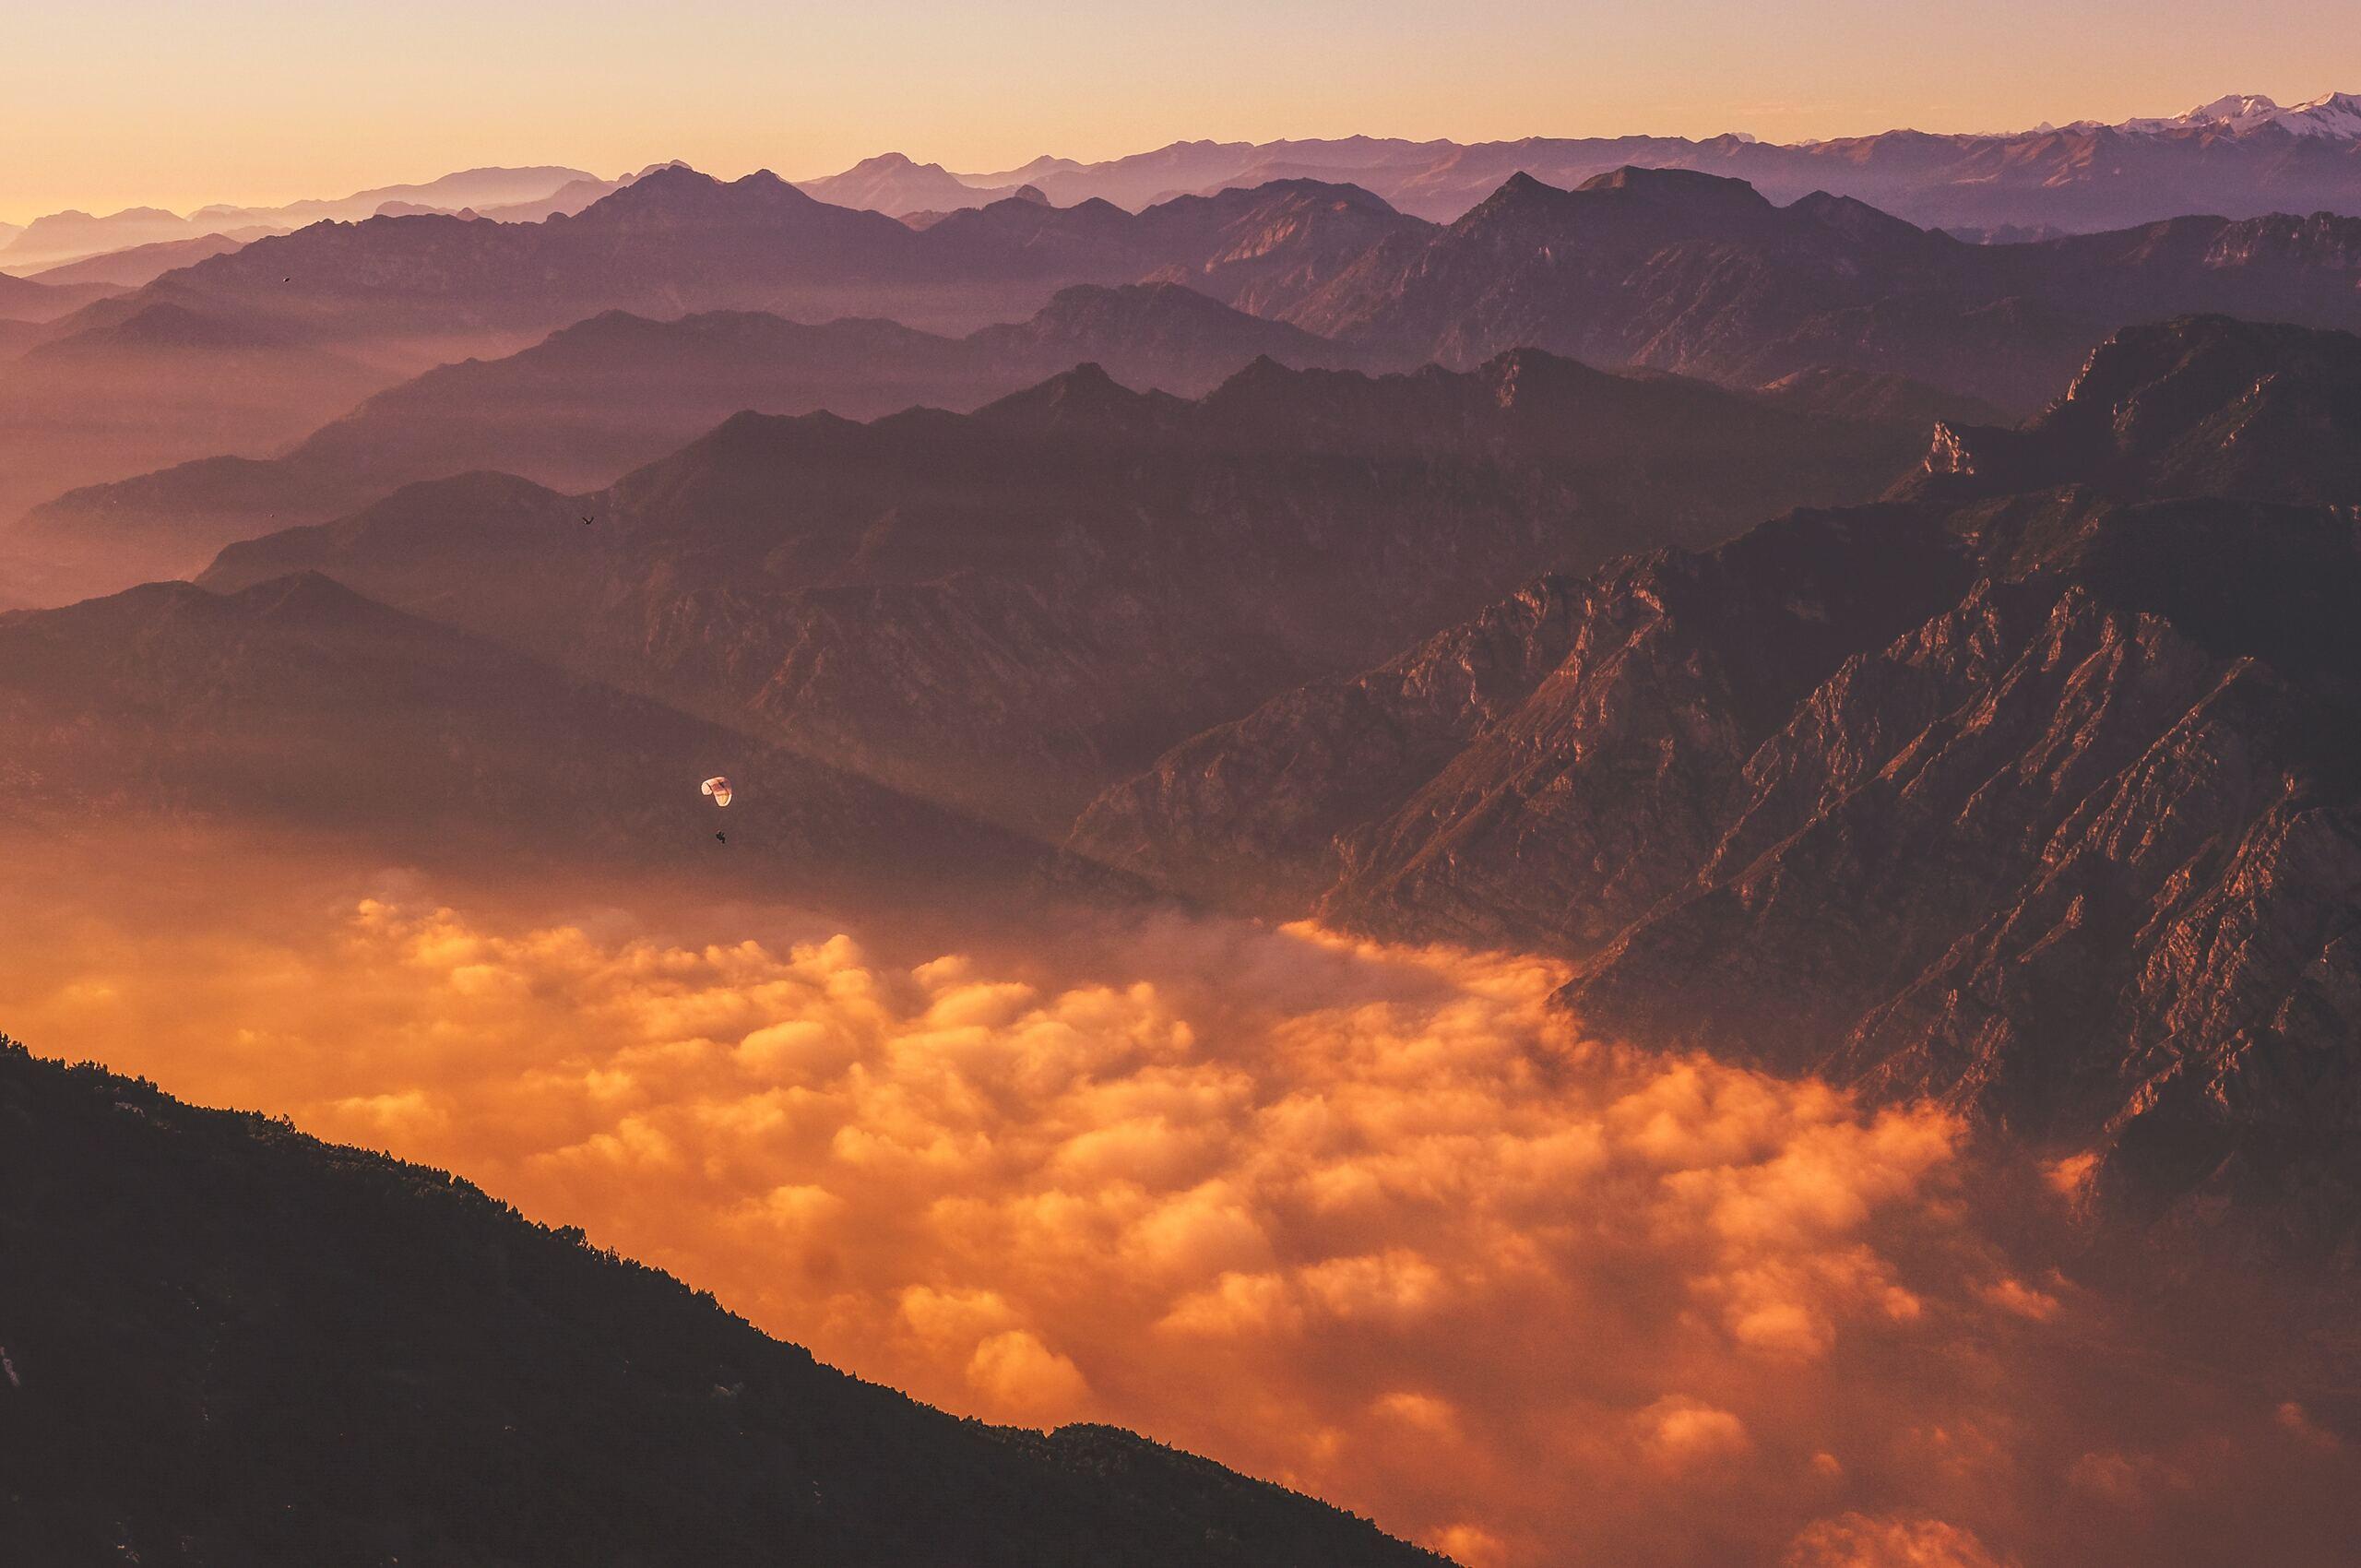 orange-clouds-mountains-morning-5k-zh.jpg